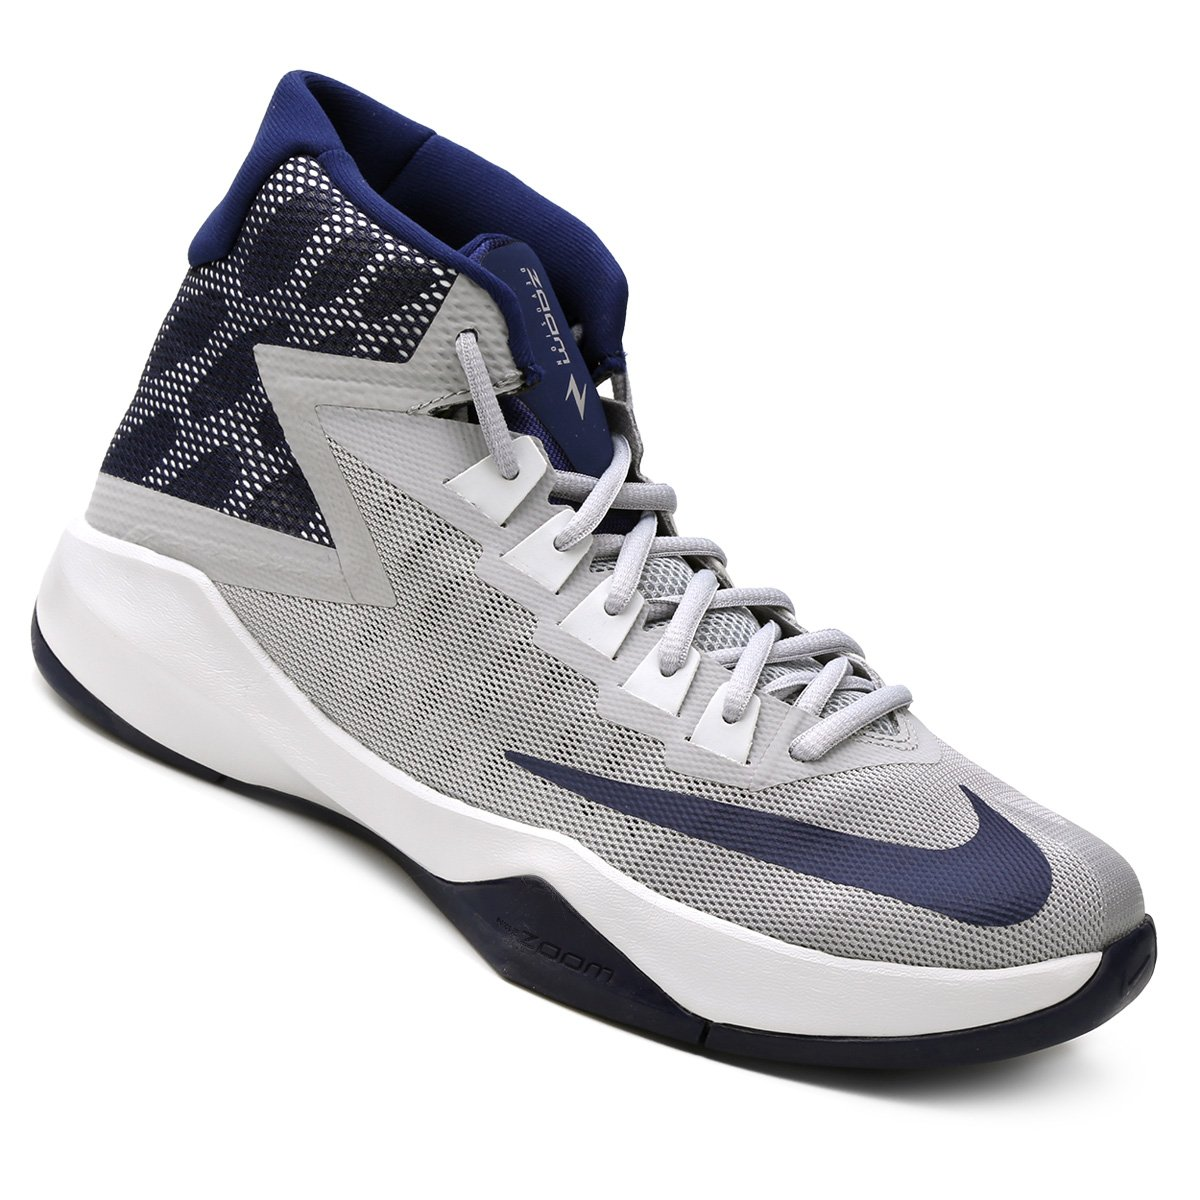 b863867baf3 Tênis Nike Zoom Devosion - Cinza e Marinho - Compre Agora